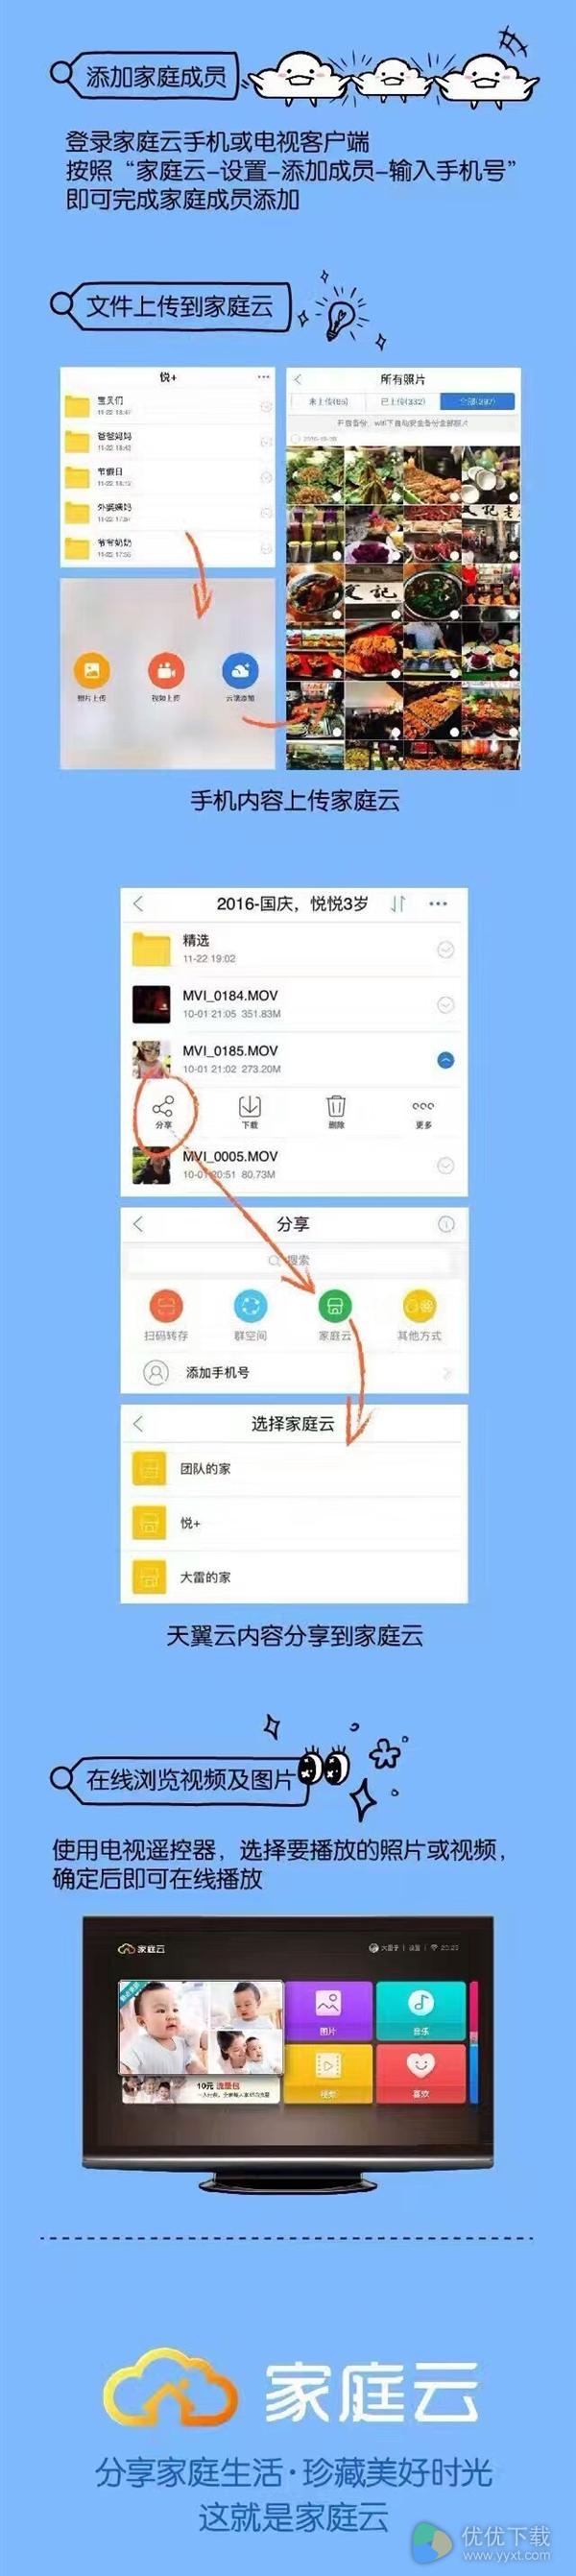 中国电信家庭云使用方法